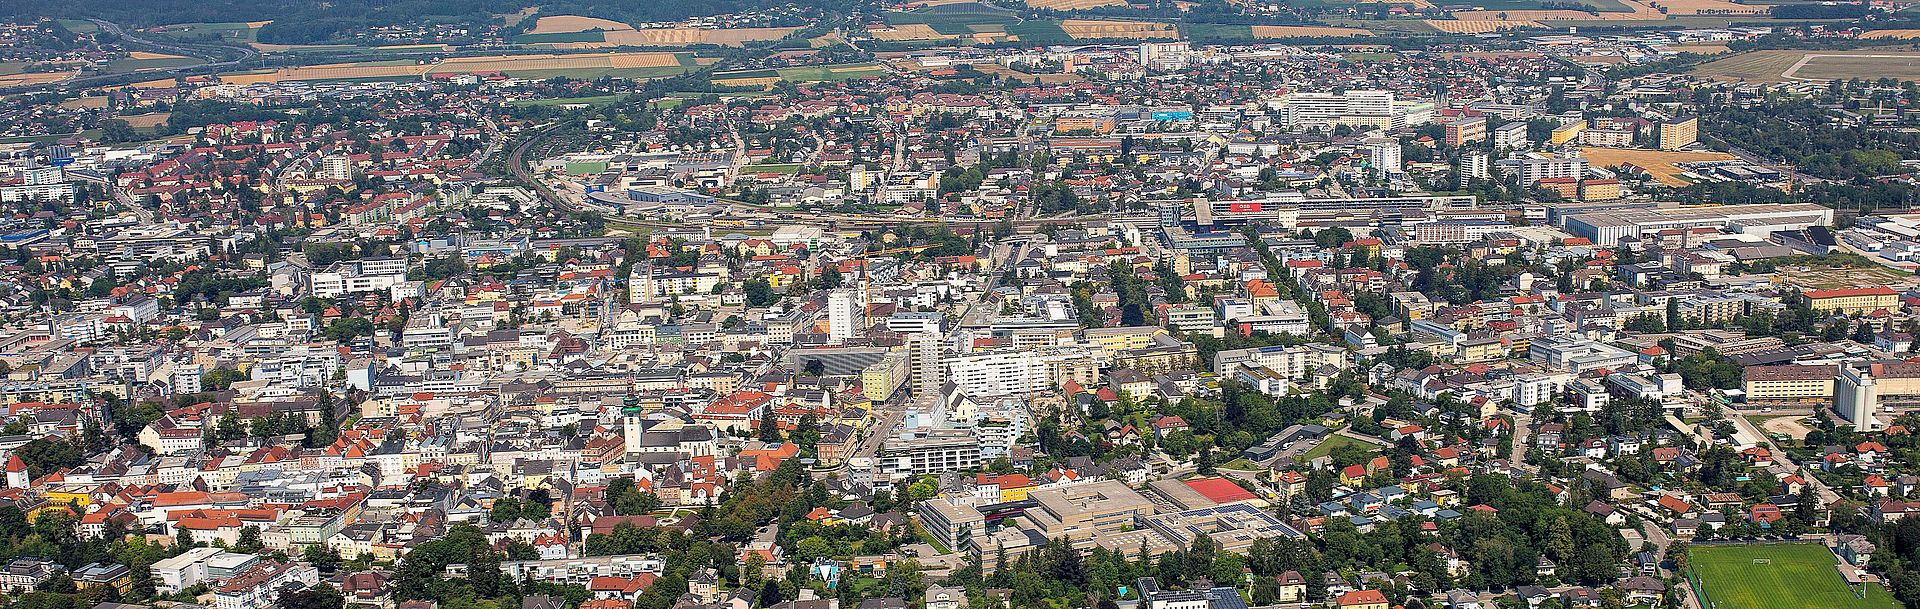 Luftbild mit Blick auf Wels (von der Thalheimer Seite)